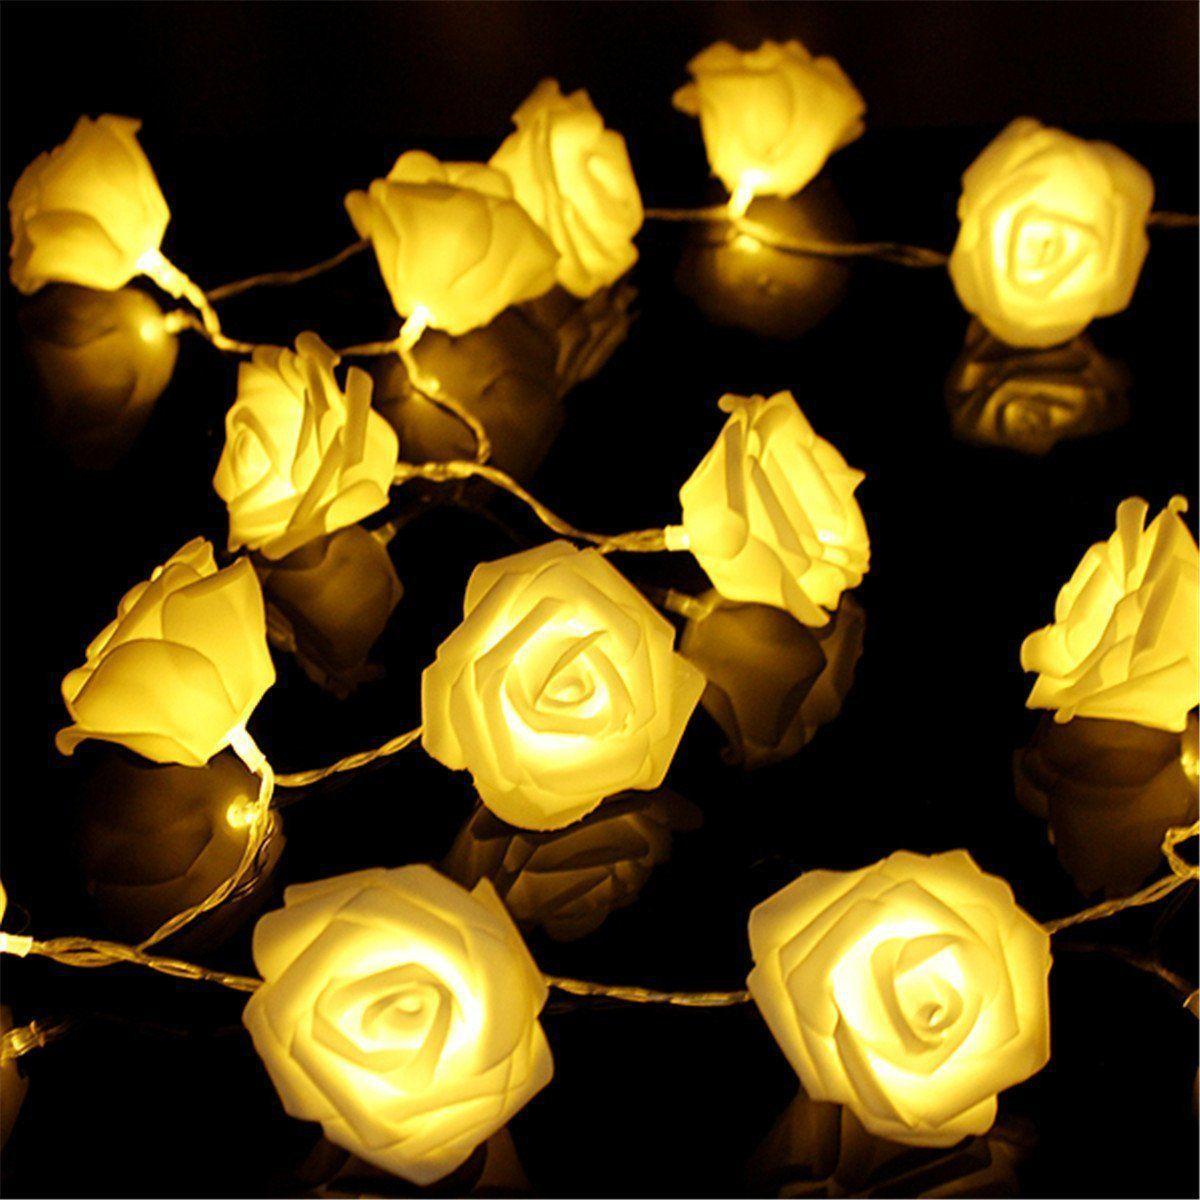 Festa de aniversário Dia dos Namorados 20 LED caixa de bateria corda luz subiu estilo da flor decorativa lanterna string luzes atacado